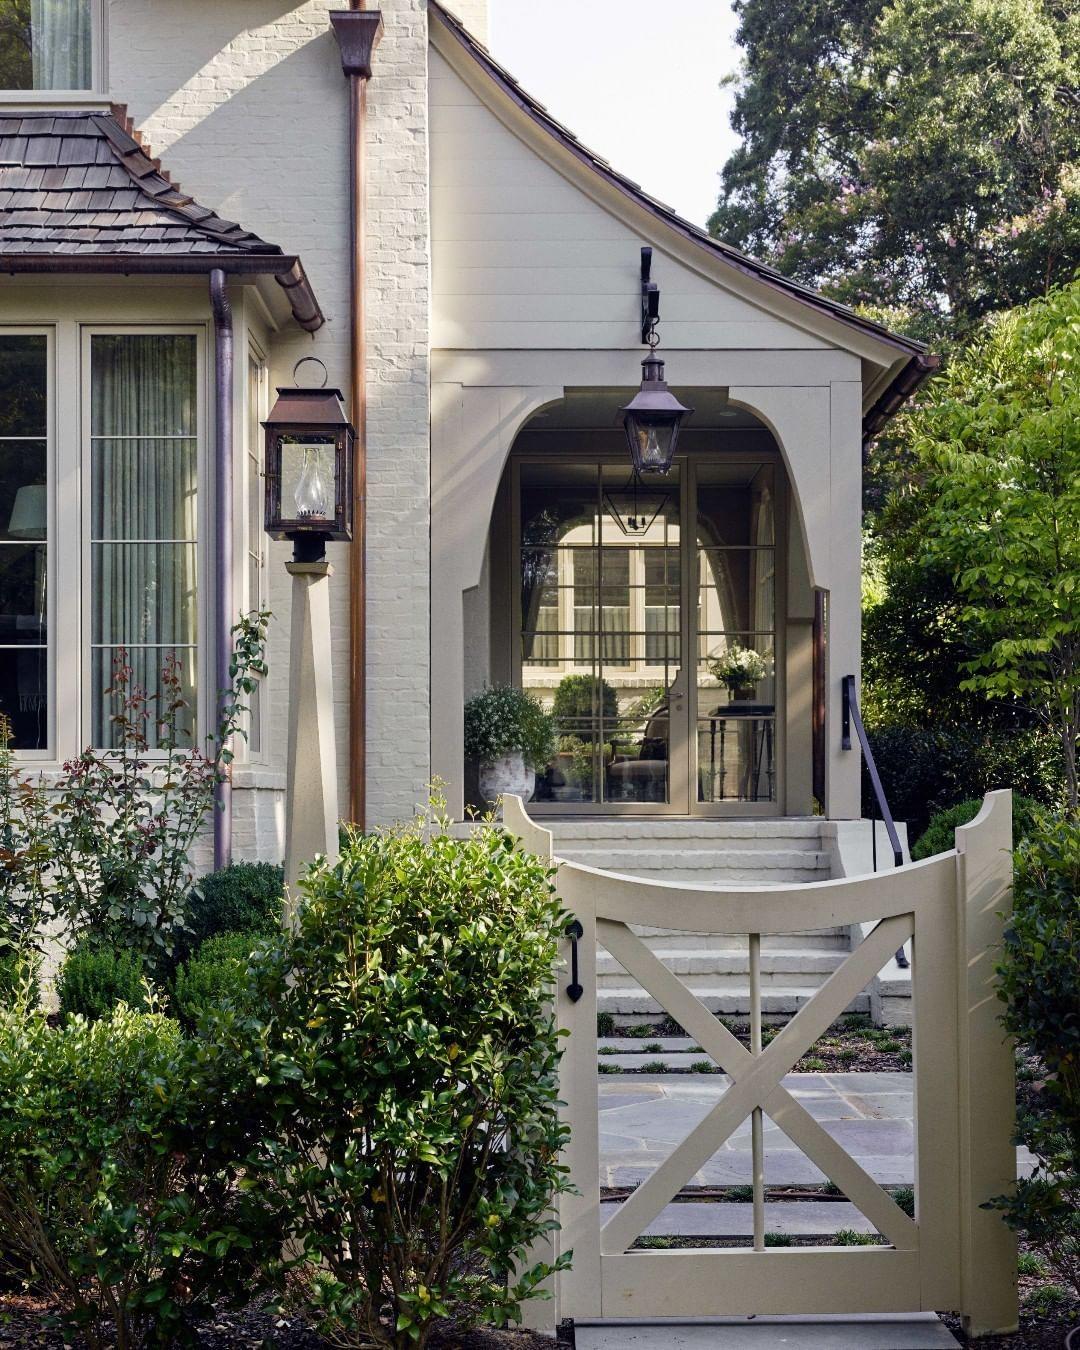 b9a302cdb40d9e73e2ddc9ca1a806505 - The Gardens In Parkville Wellington Gate